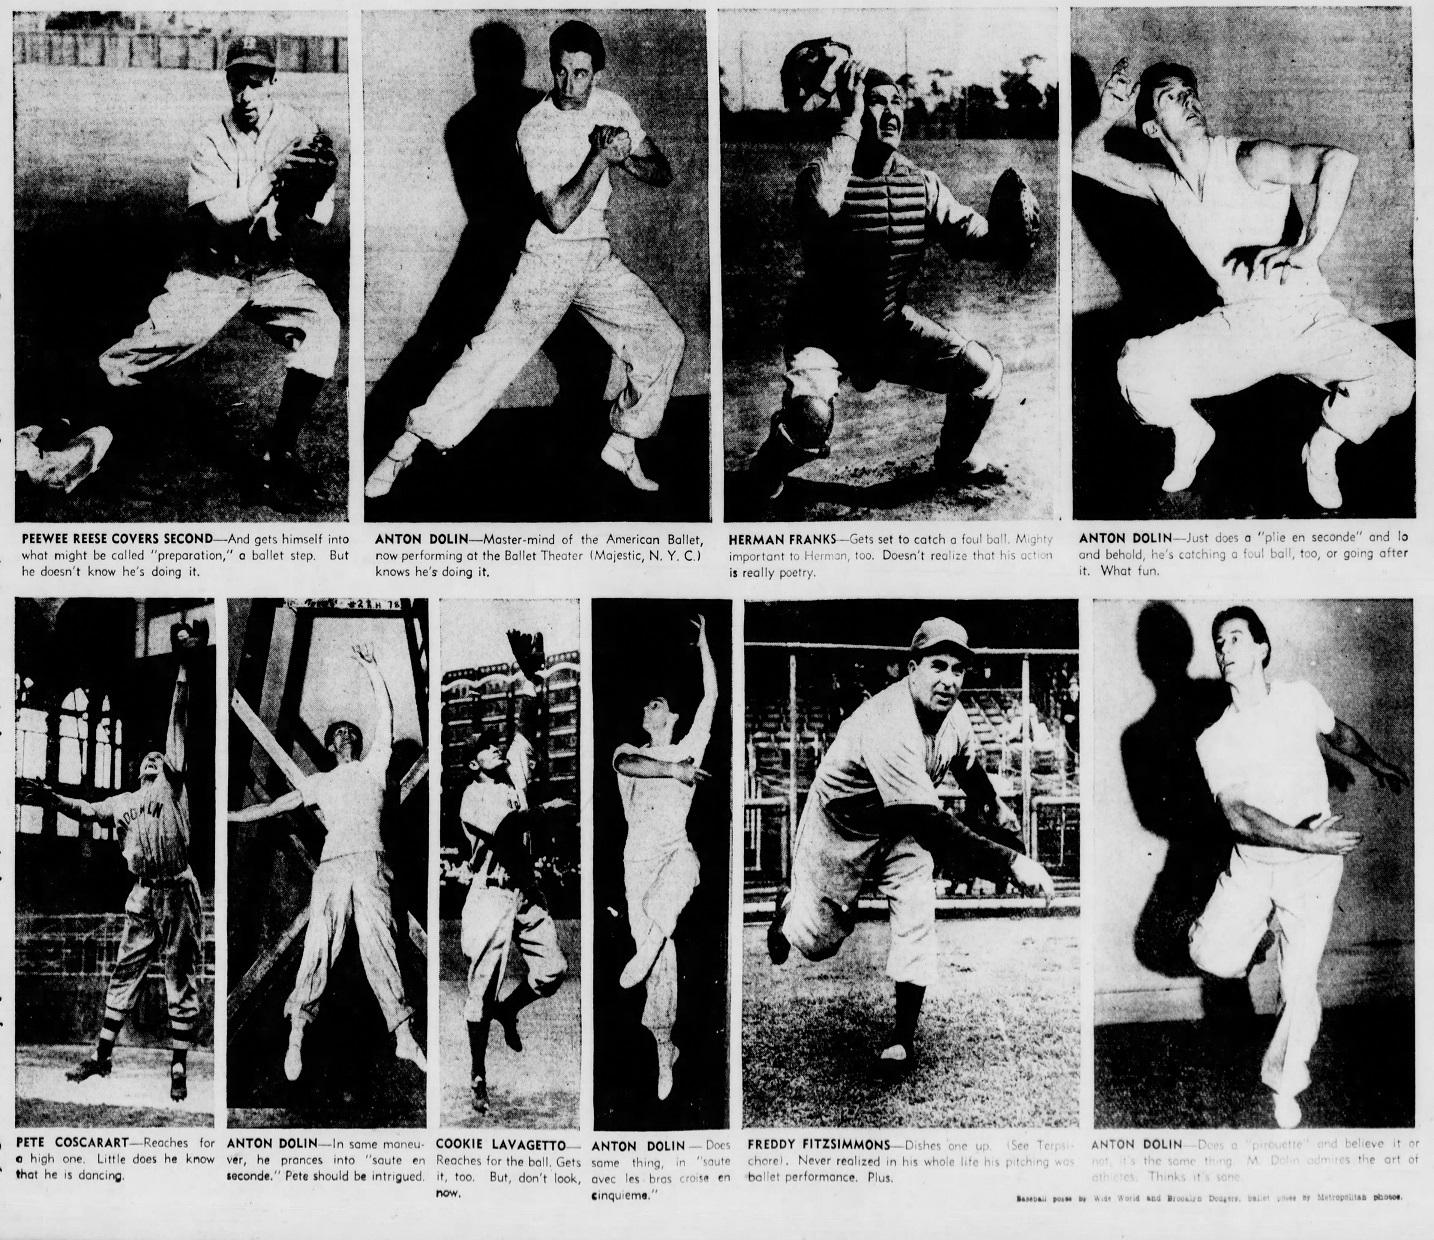 The_Brooklyn_Daily_Eagle_Sun__Mar_2__1941_(5).jpg